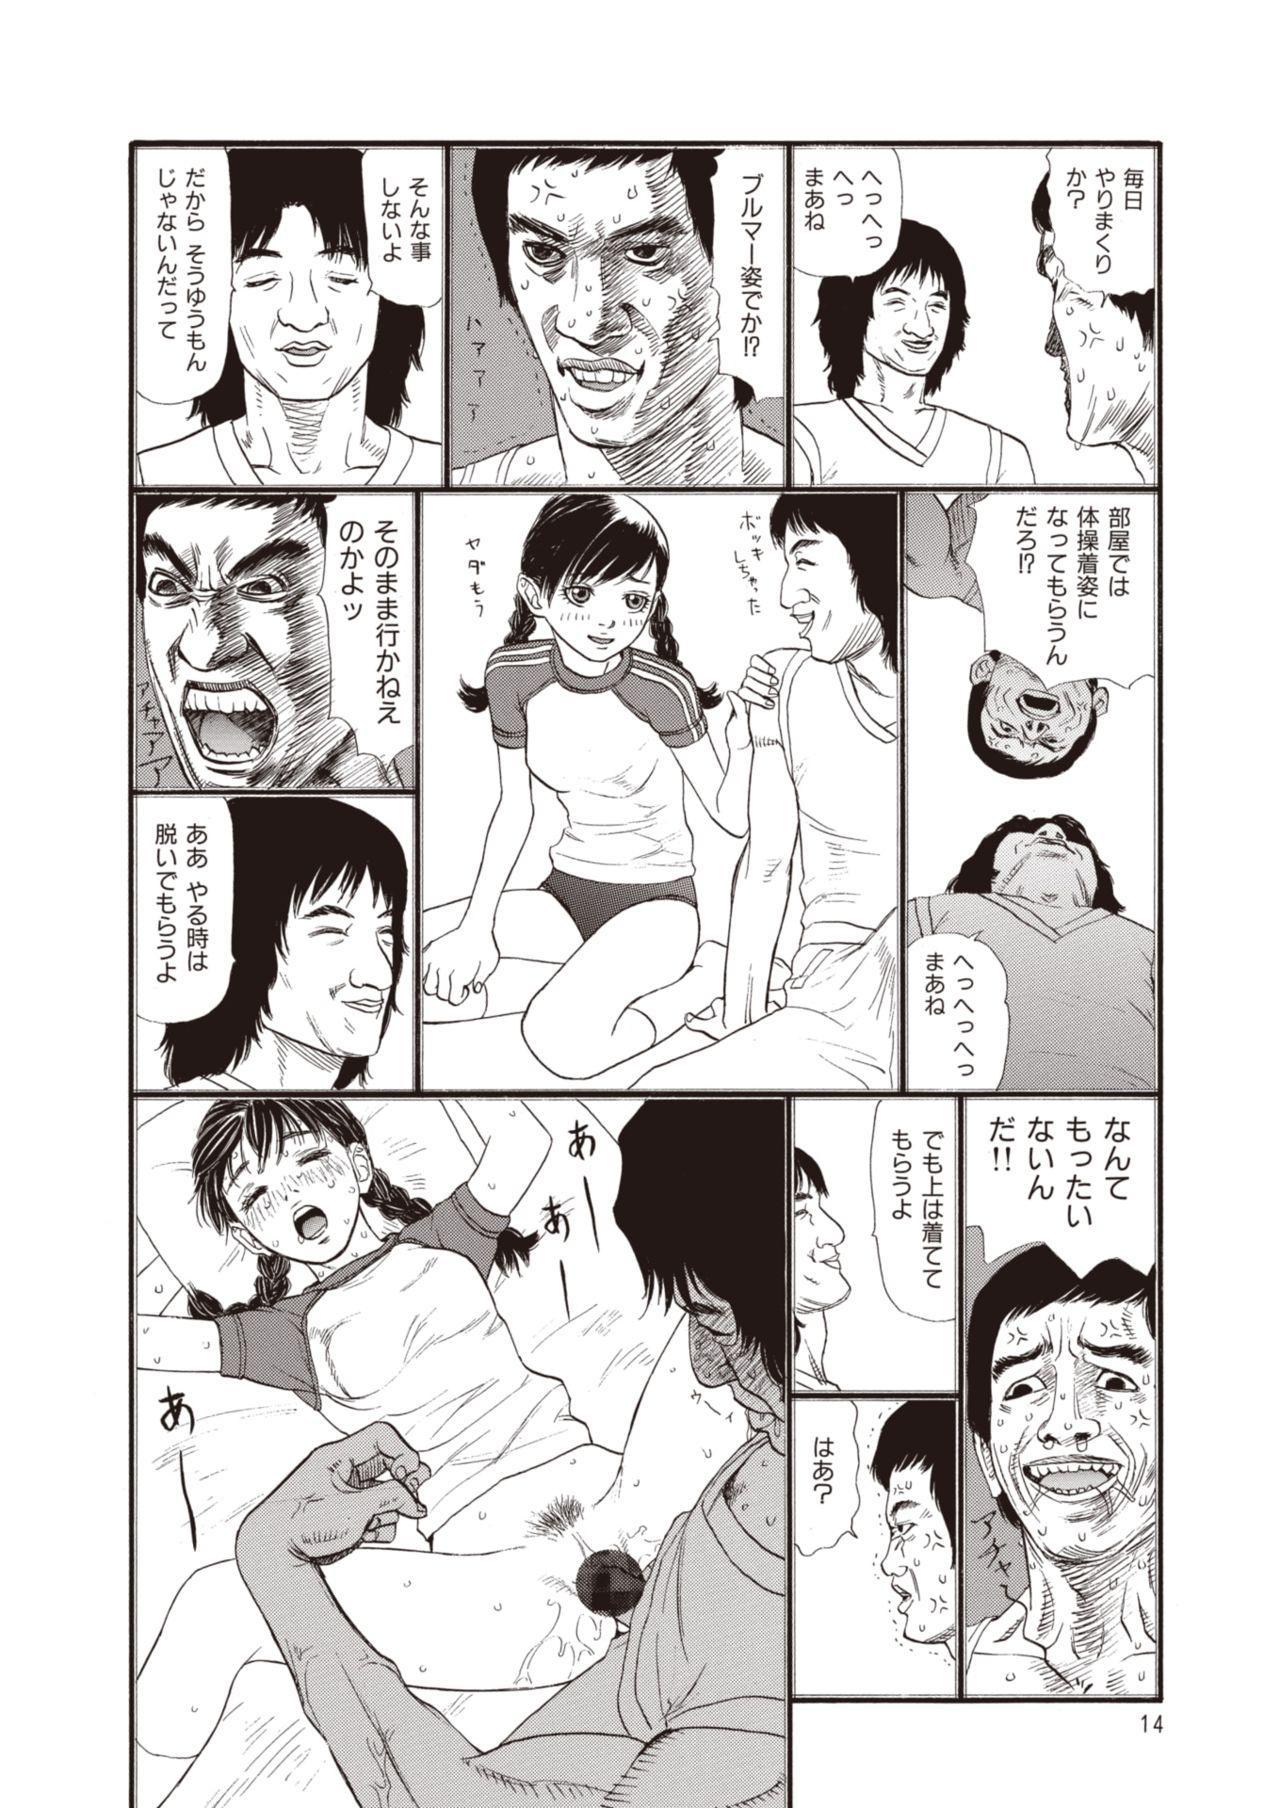 COMIC Kairakuten 25 Shuunen kinen tokubetsugou 54